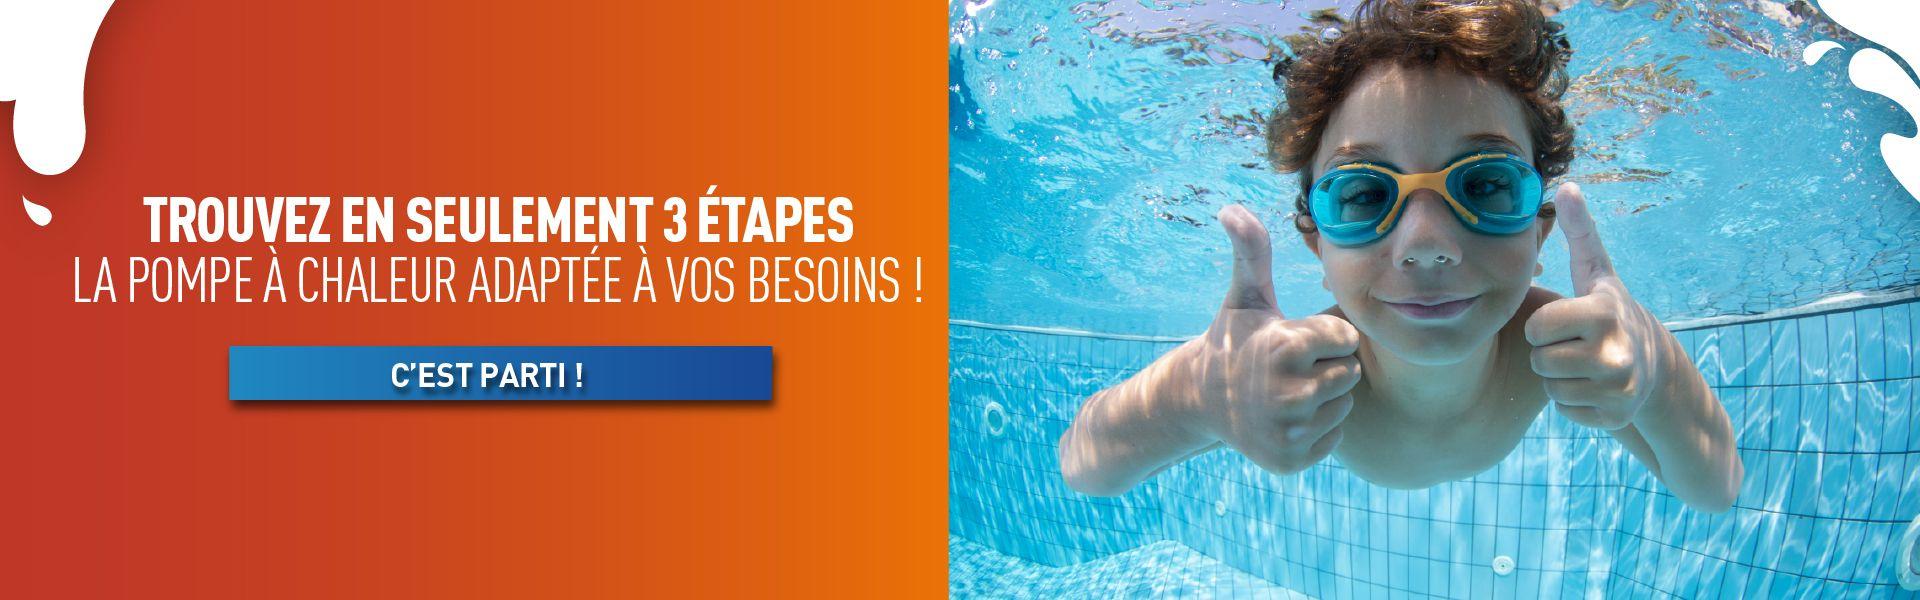 Cash Piscines - Tout Pour La Piscine & Spas Gonflables ... concernant Rustine Pour Piscine